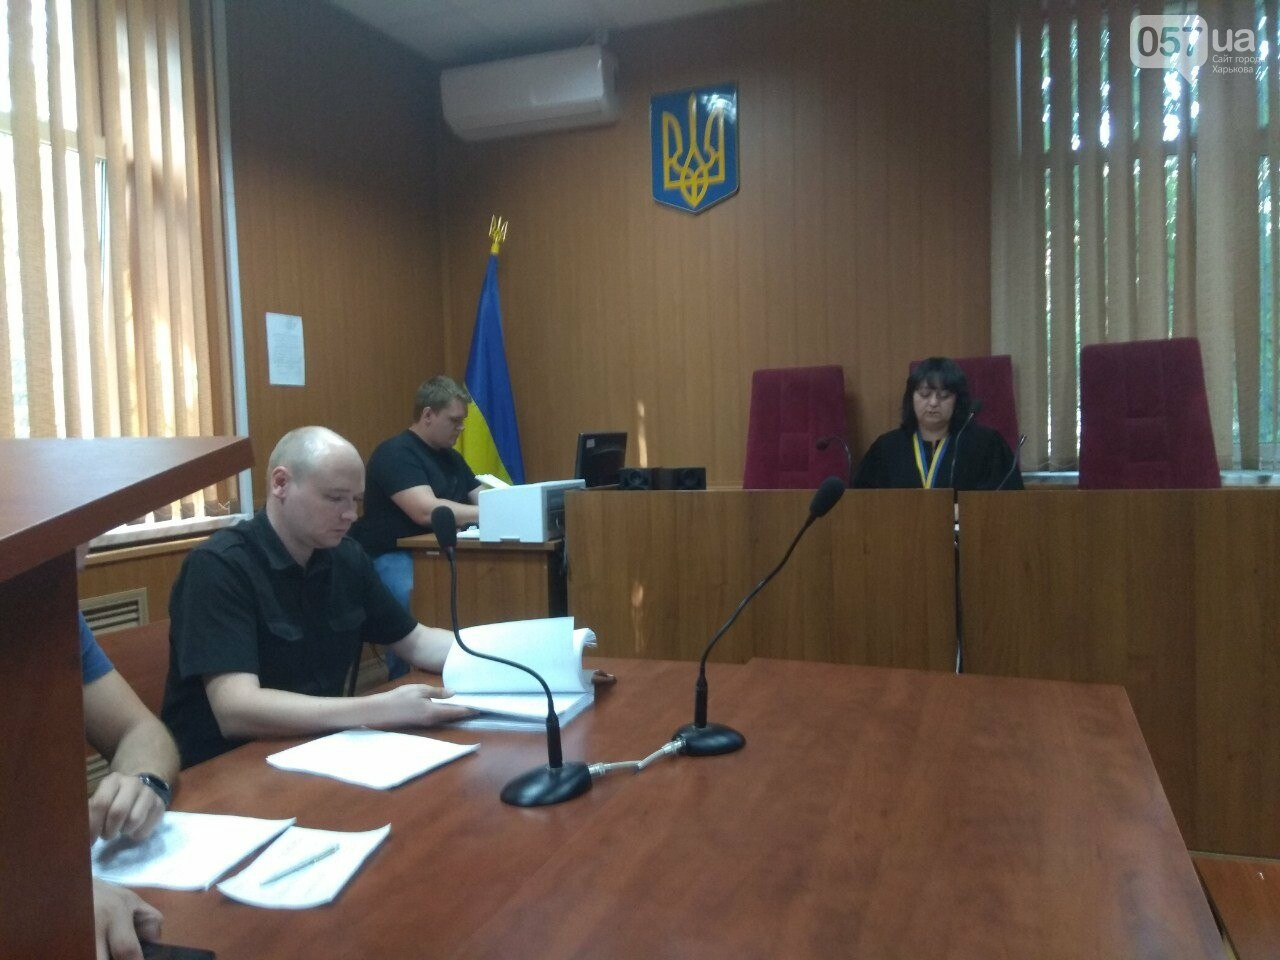 Суд по изнасилованию девочки в Харькове проходит в закрытом режиме, - ФОТО, фото-4